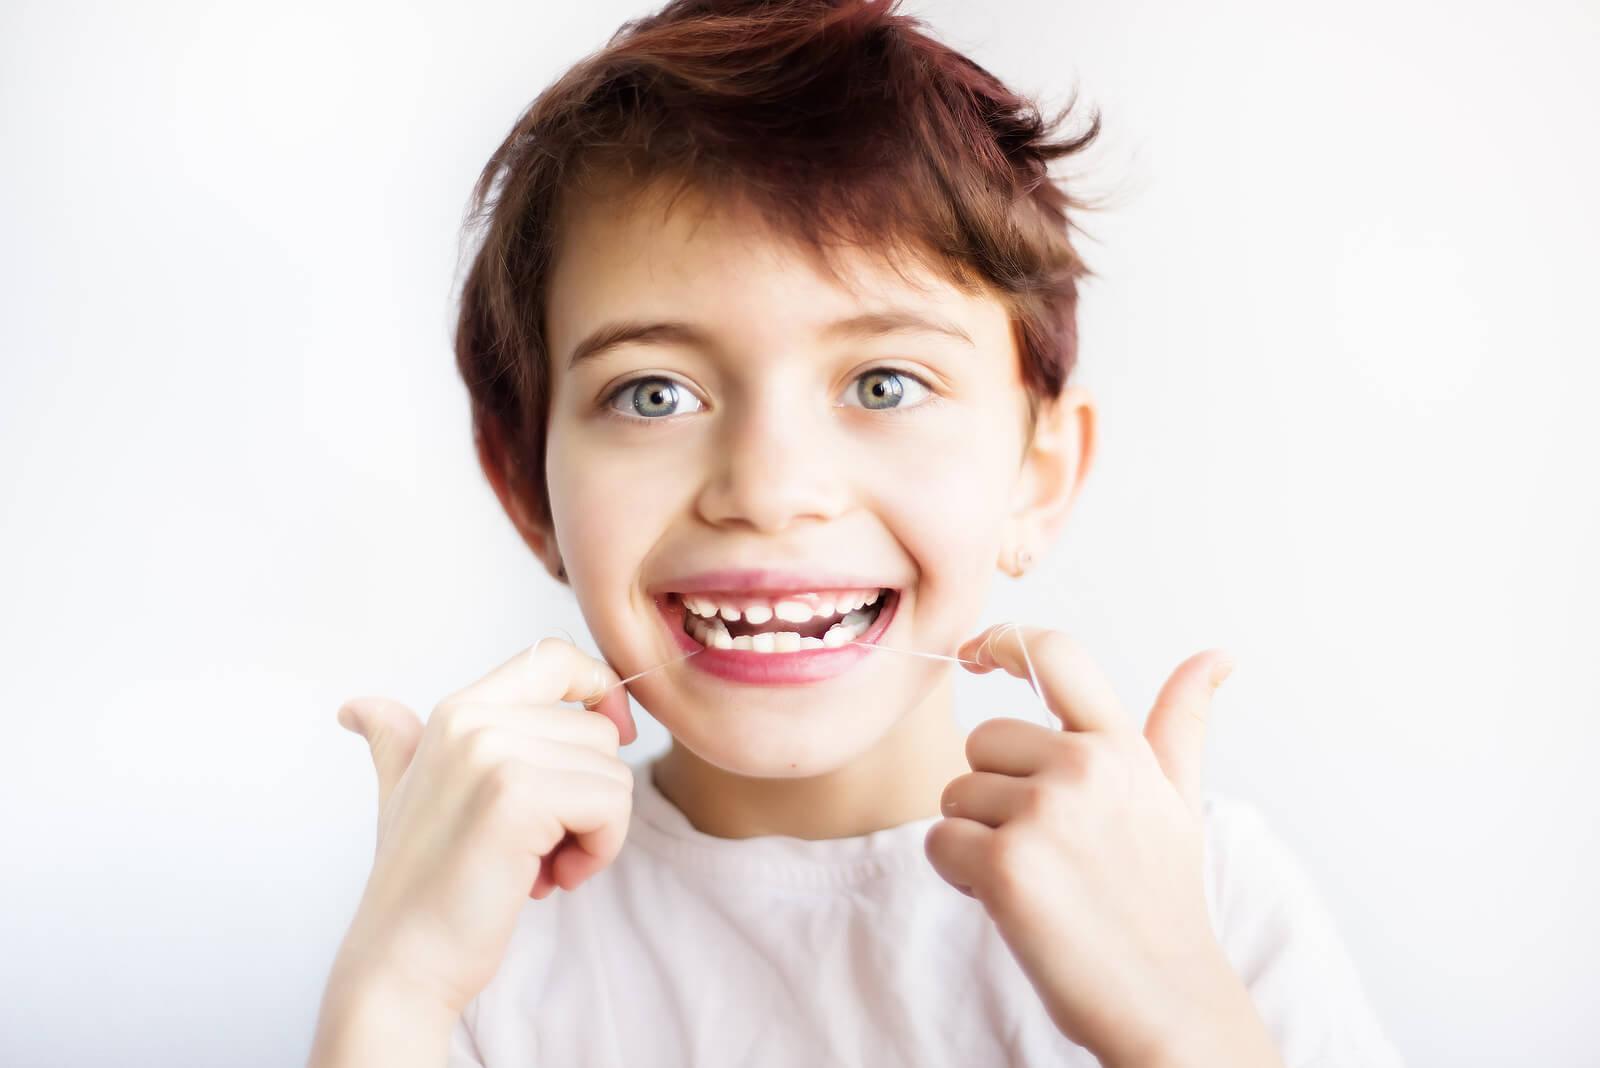 Niño utilizando hilo dental para la higiene bucal.